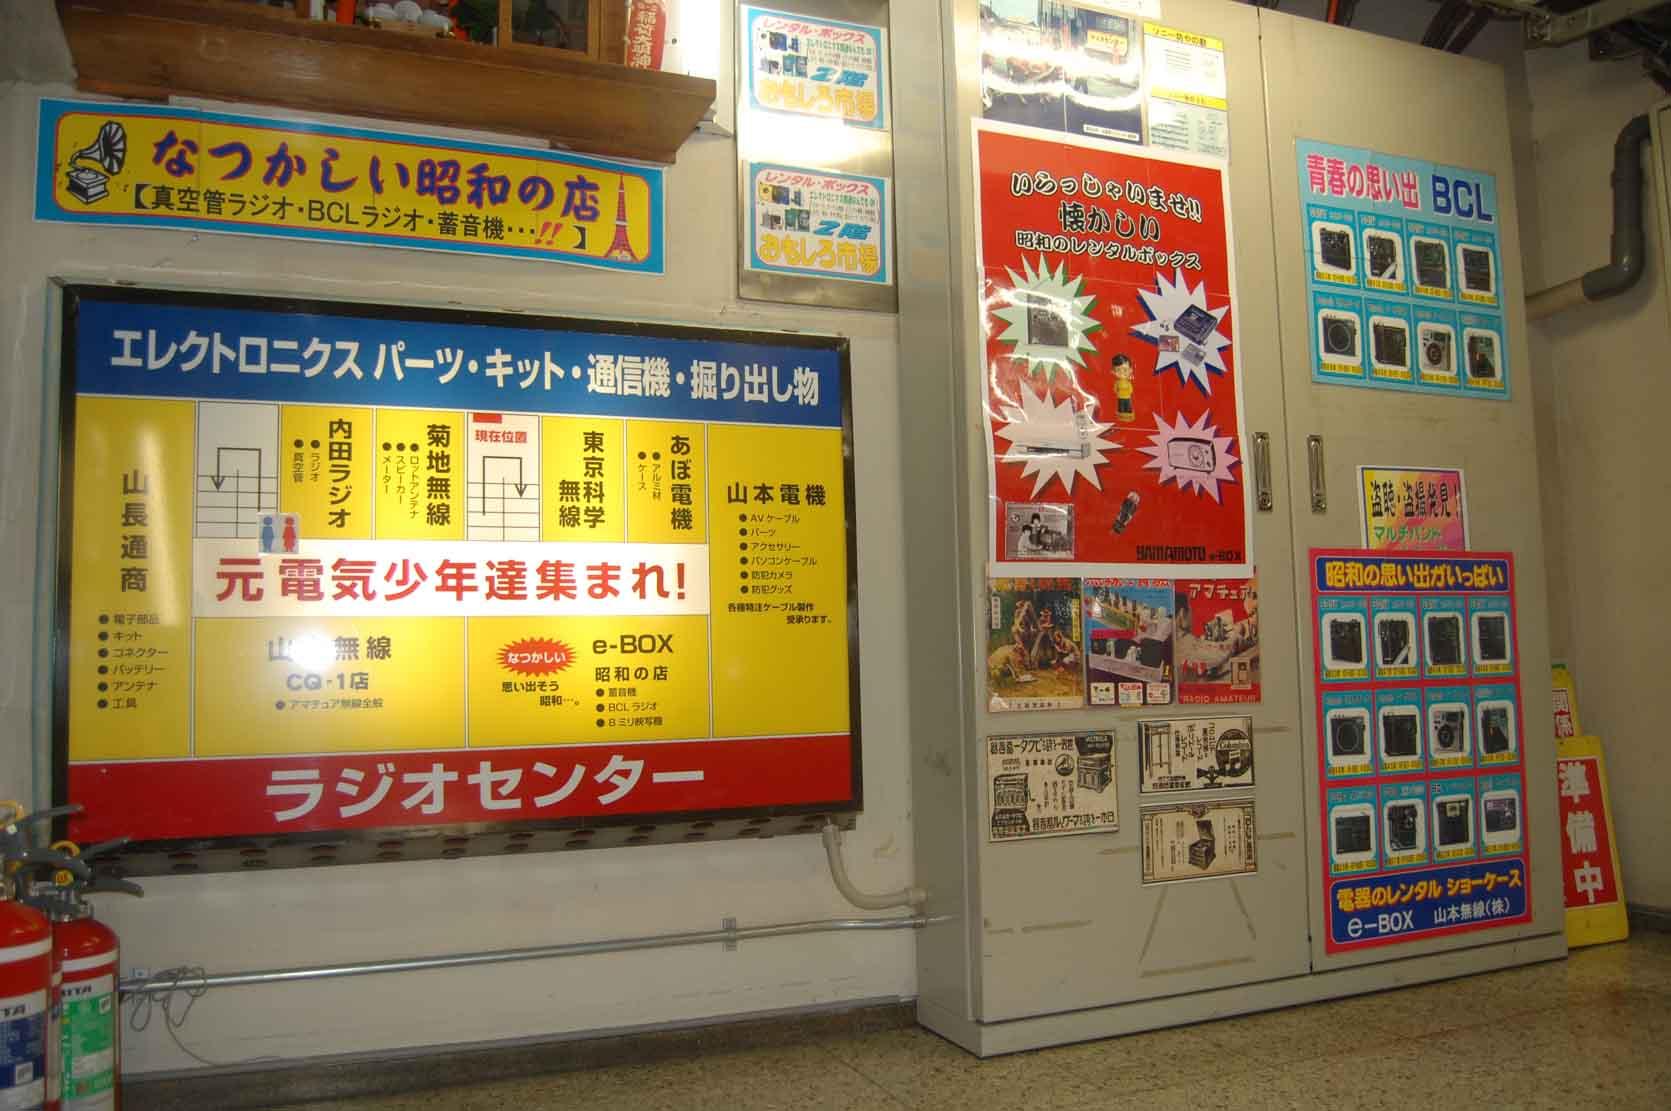 20120707秋葉原&渋谷 007A